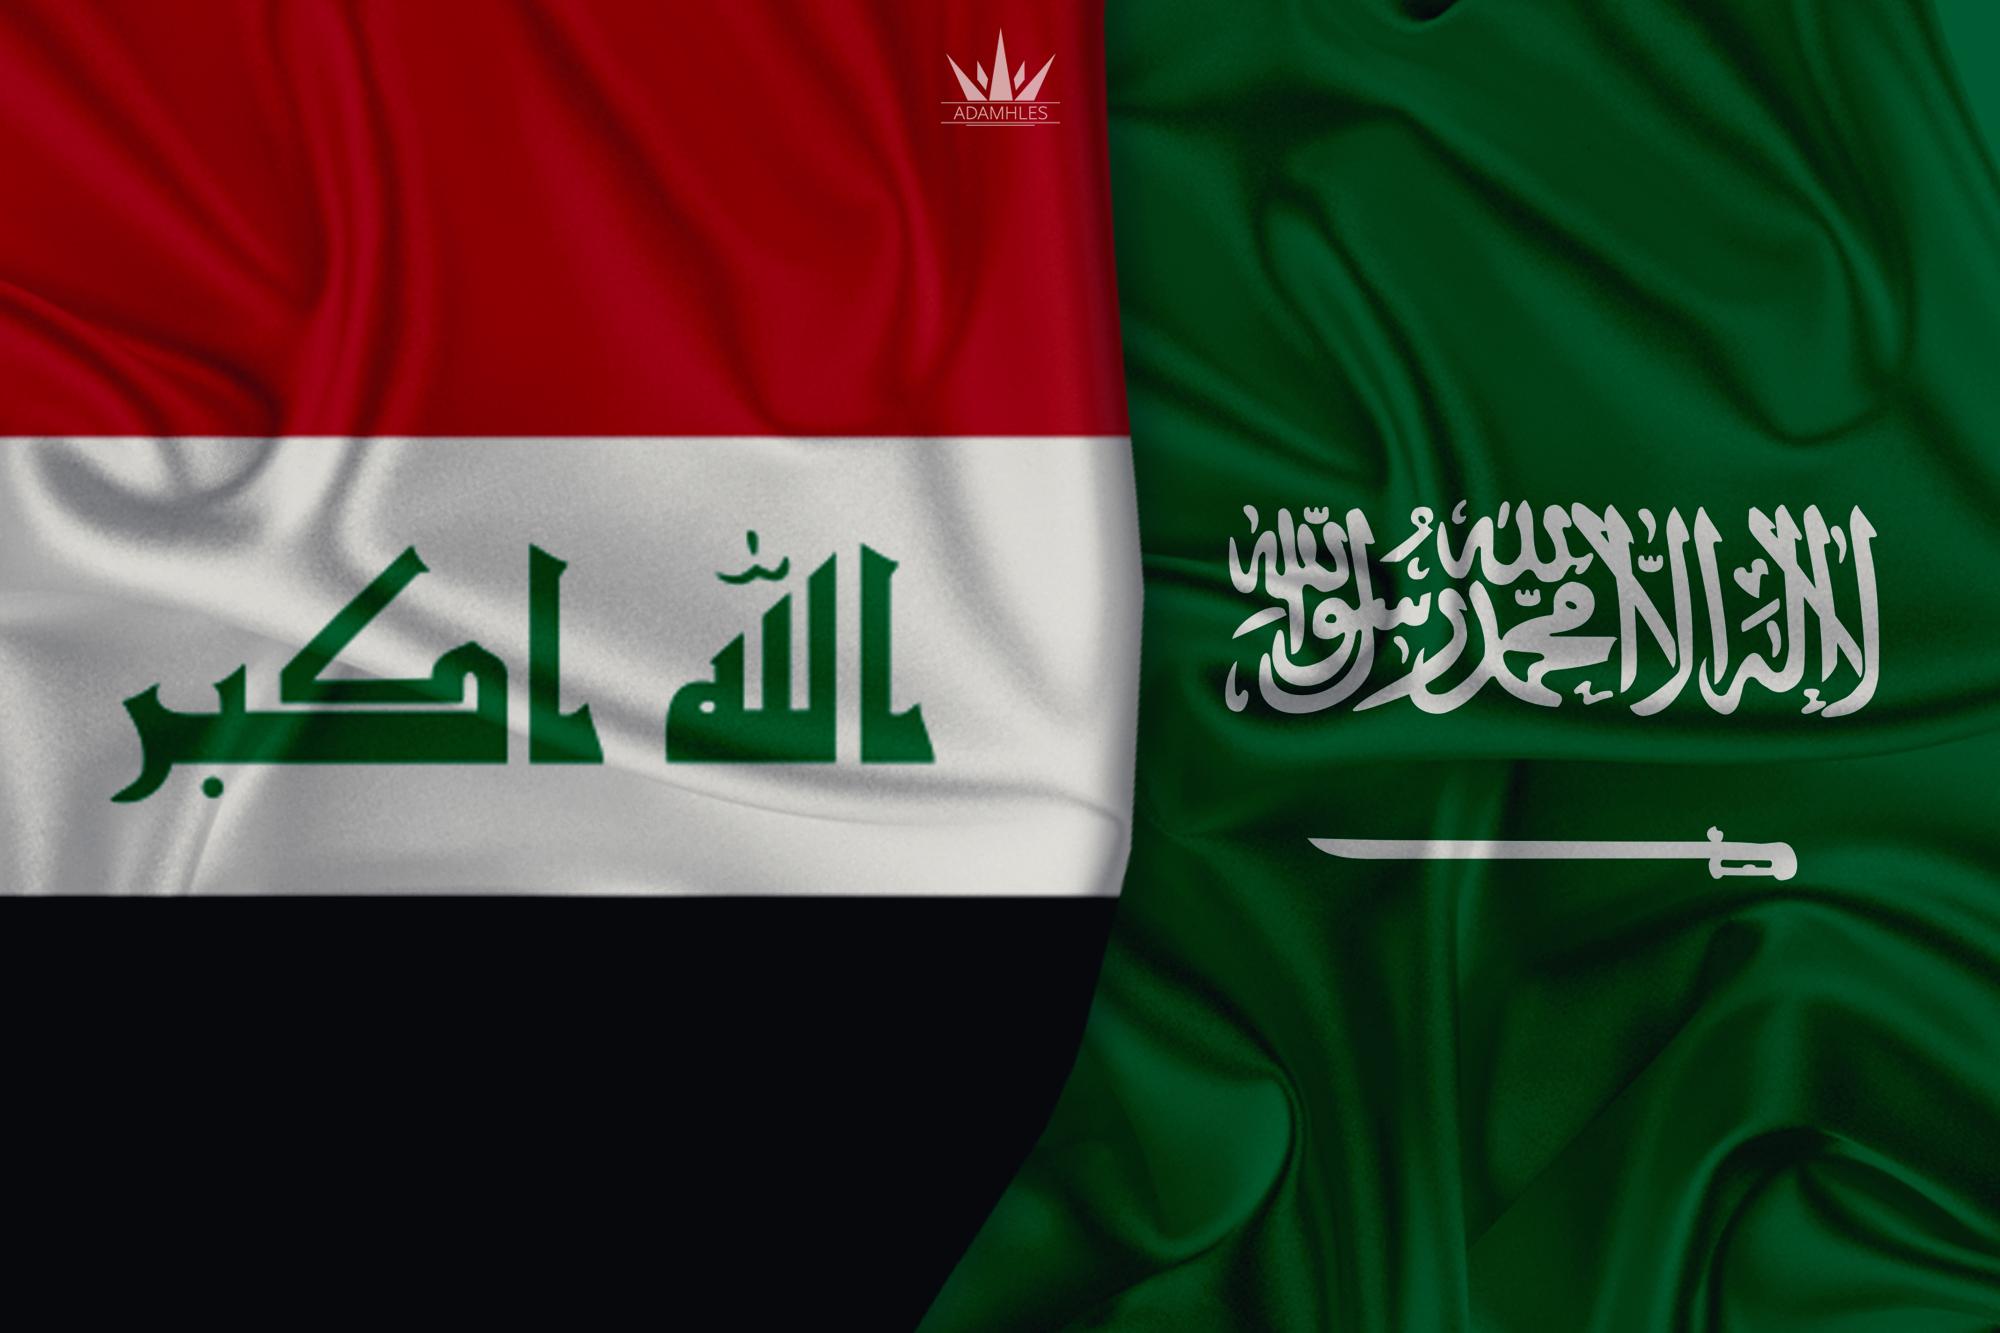 خلفية علم العراق والسعودية اجمل خلفيات العلم العراقي والعلم السعودي Iraq and Saudi Arabia